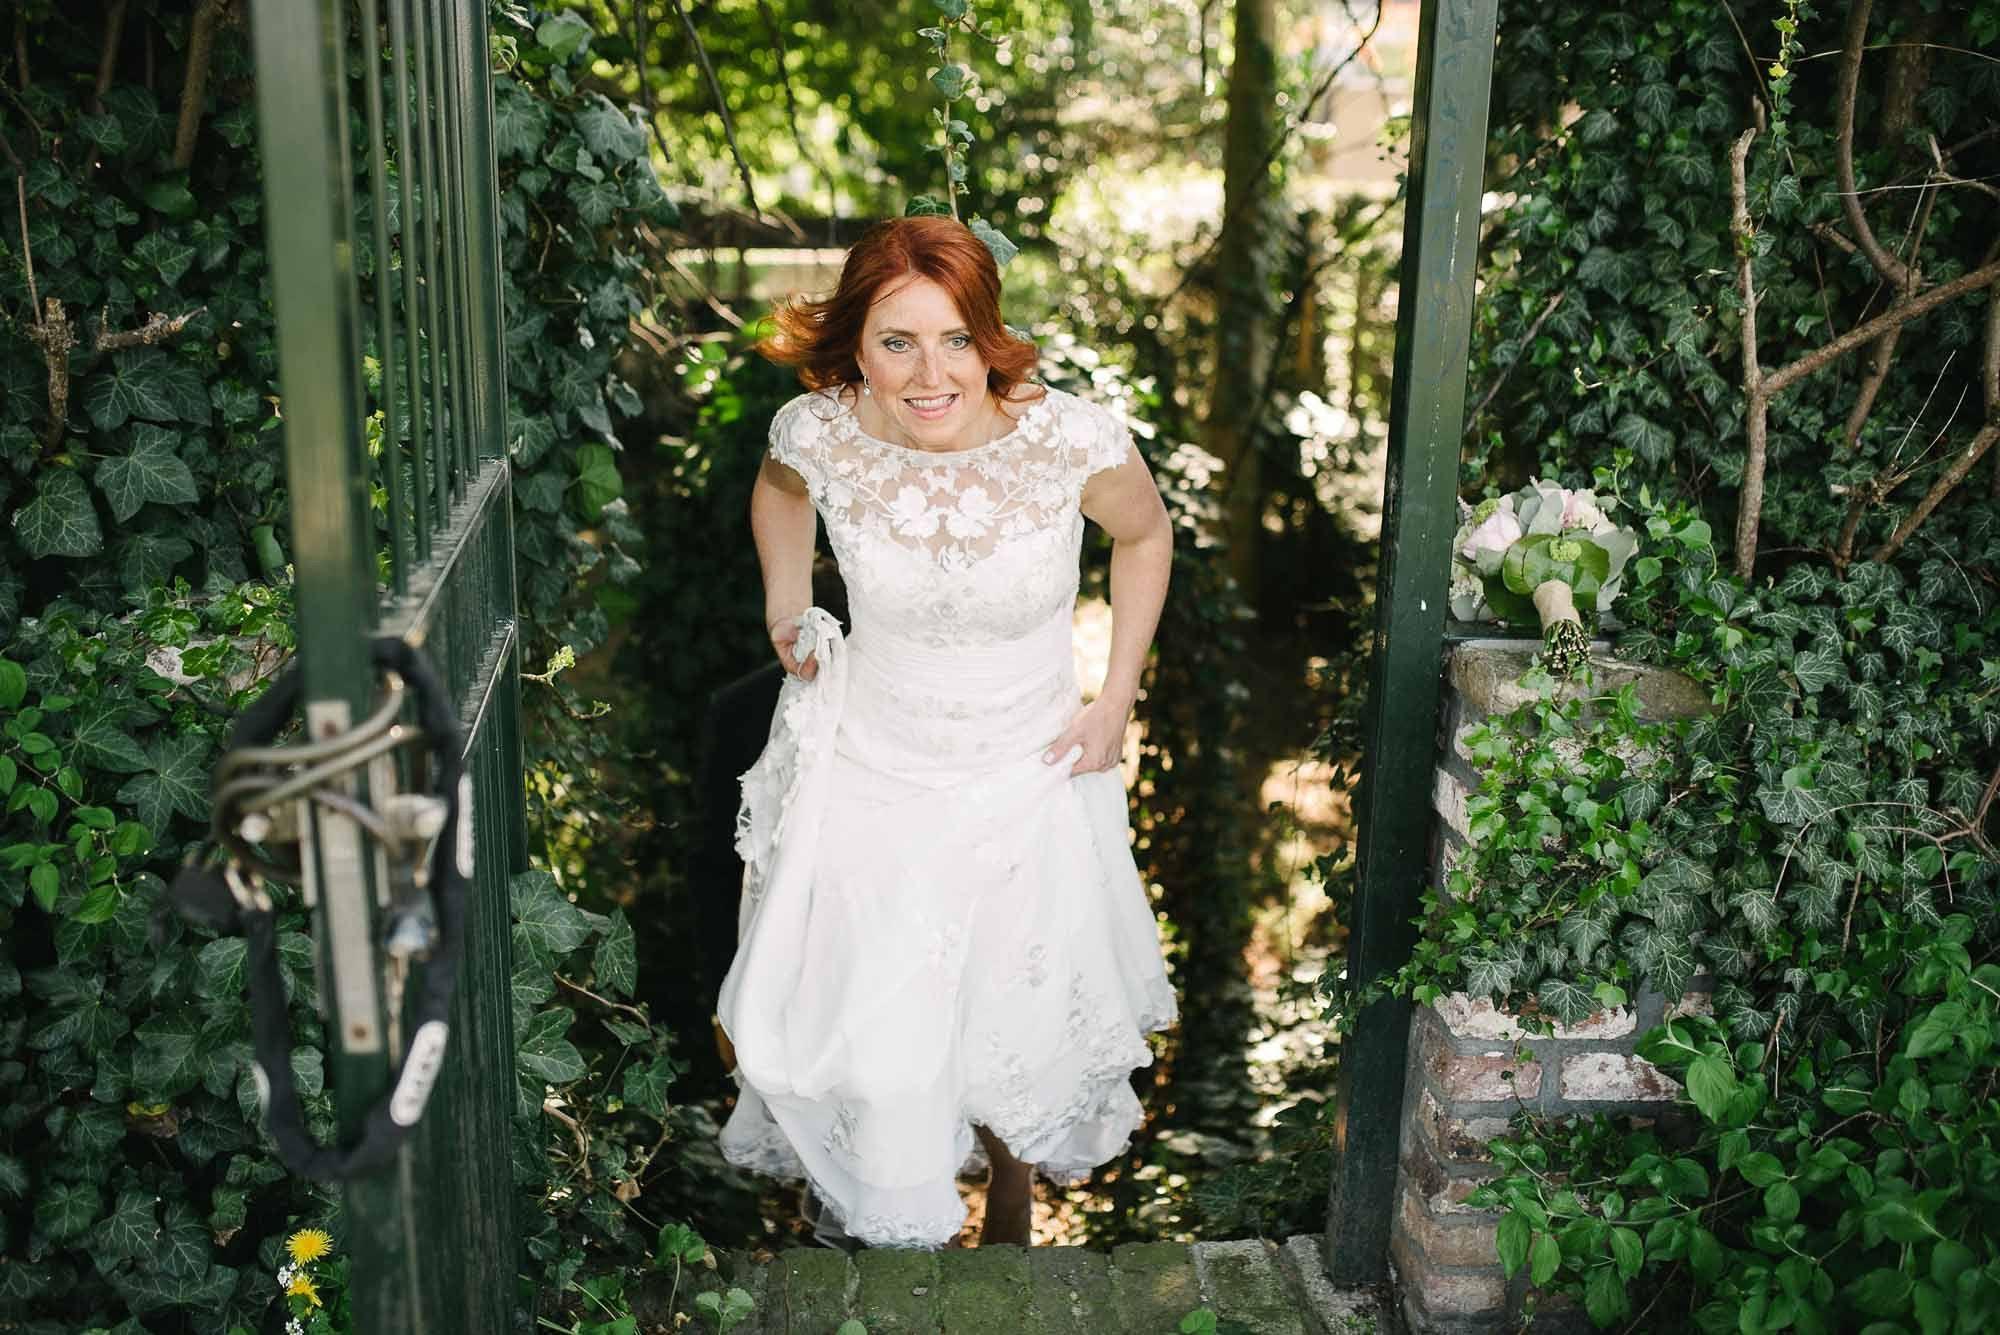 Bruidsfotograaf-Sittard-journalistieke-bruidsfotografie-077.jpg